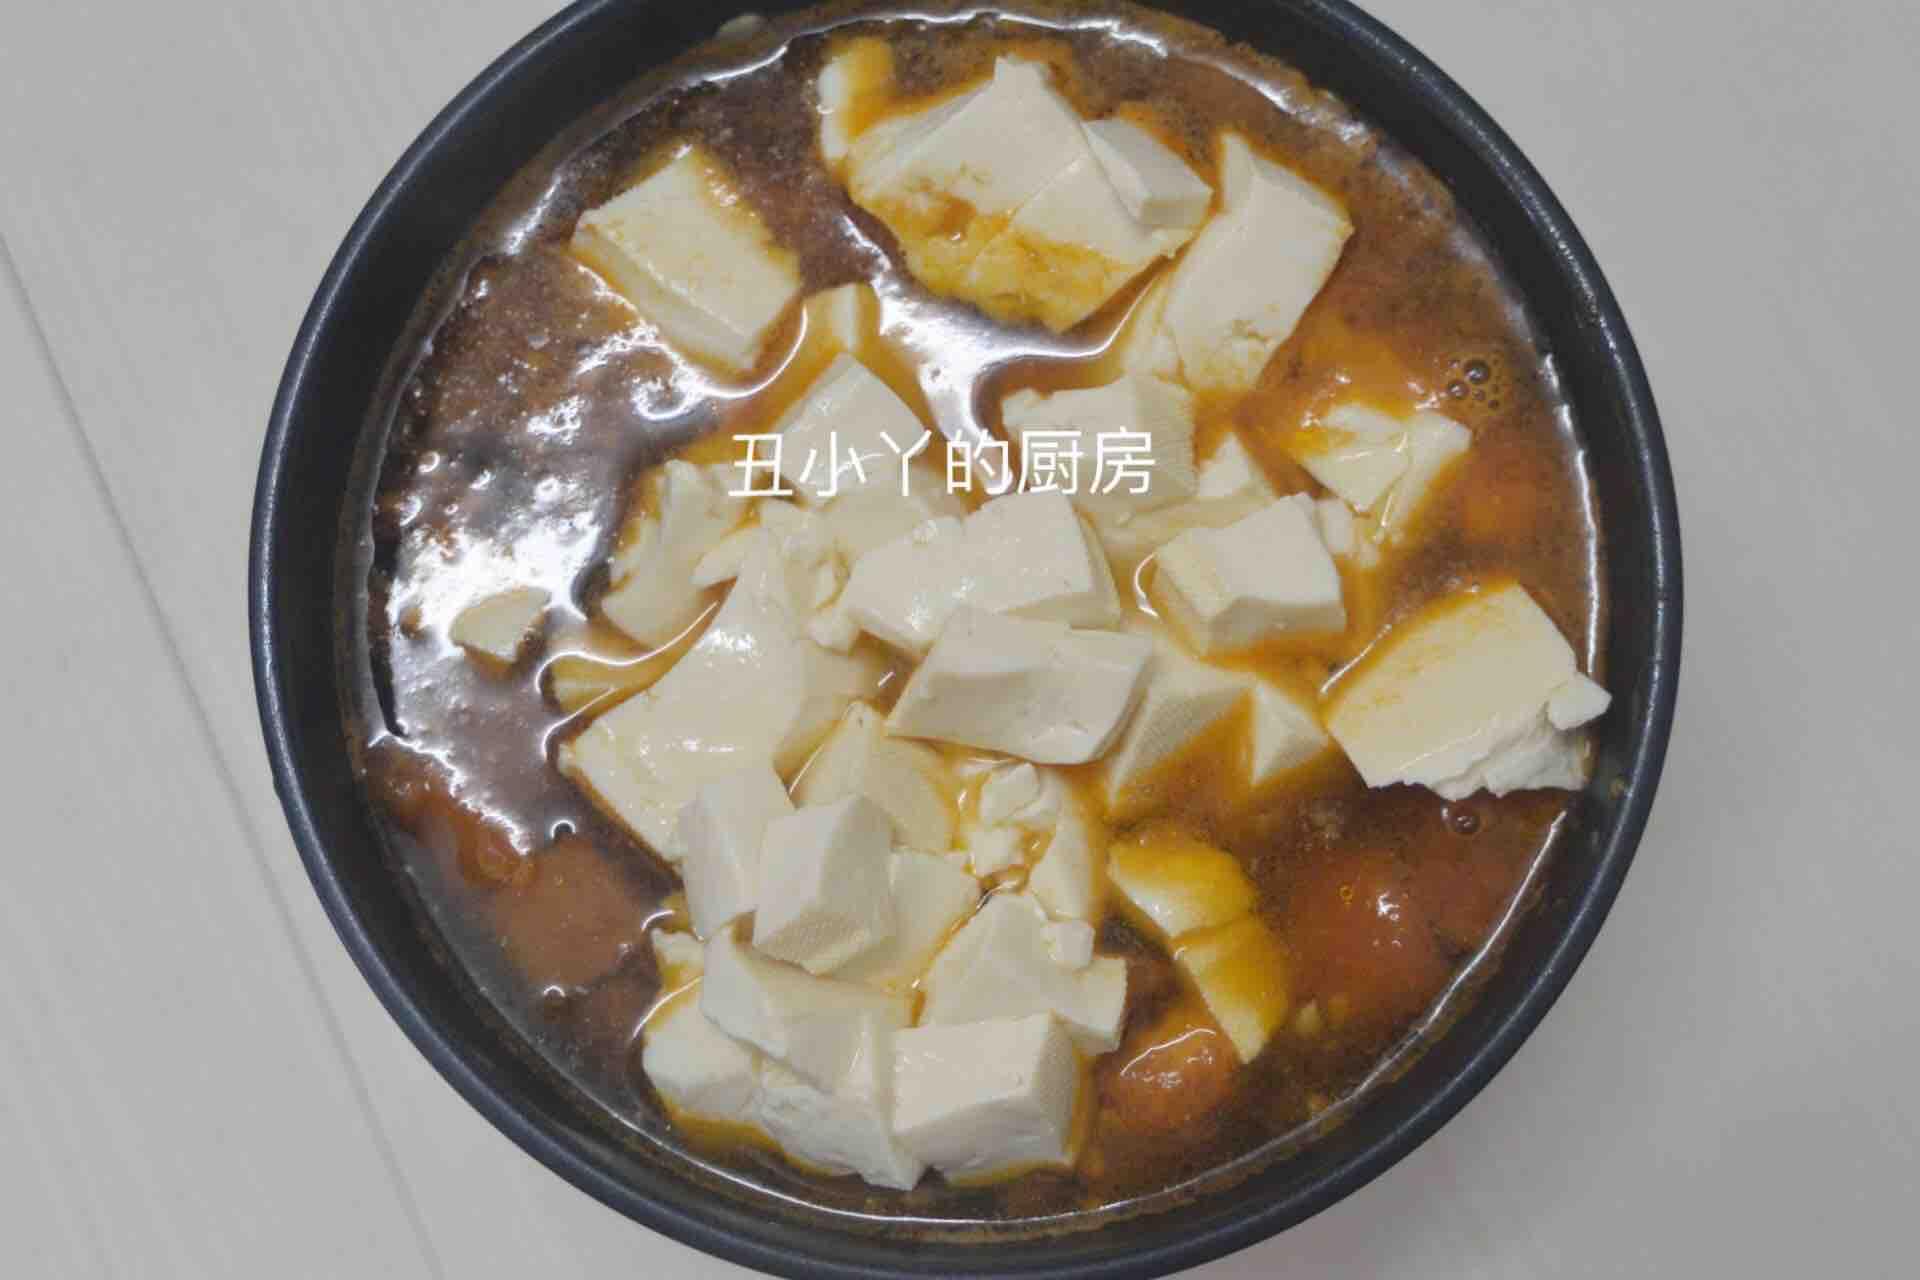 酸爽开胃 番茄豆腐鸡蛋羹怎么做